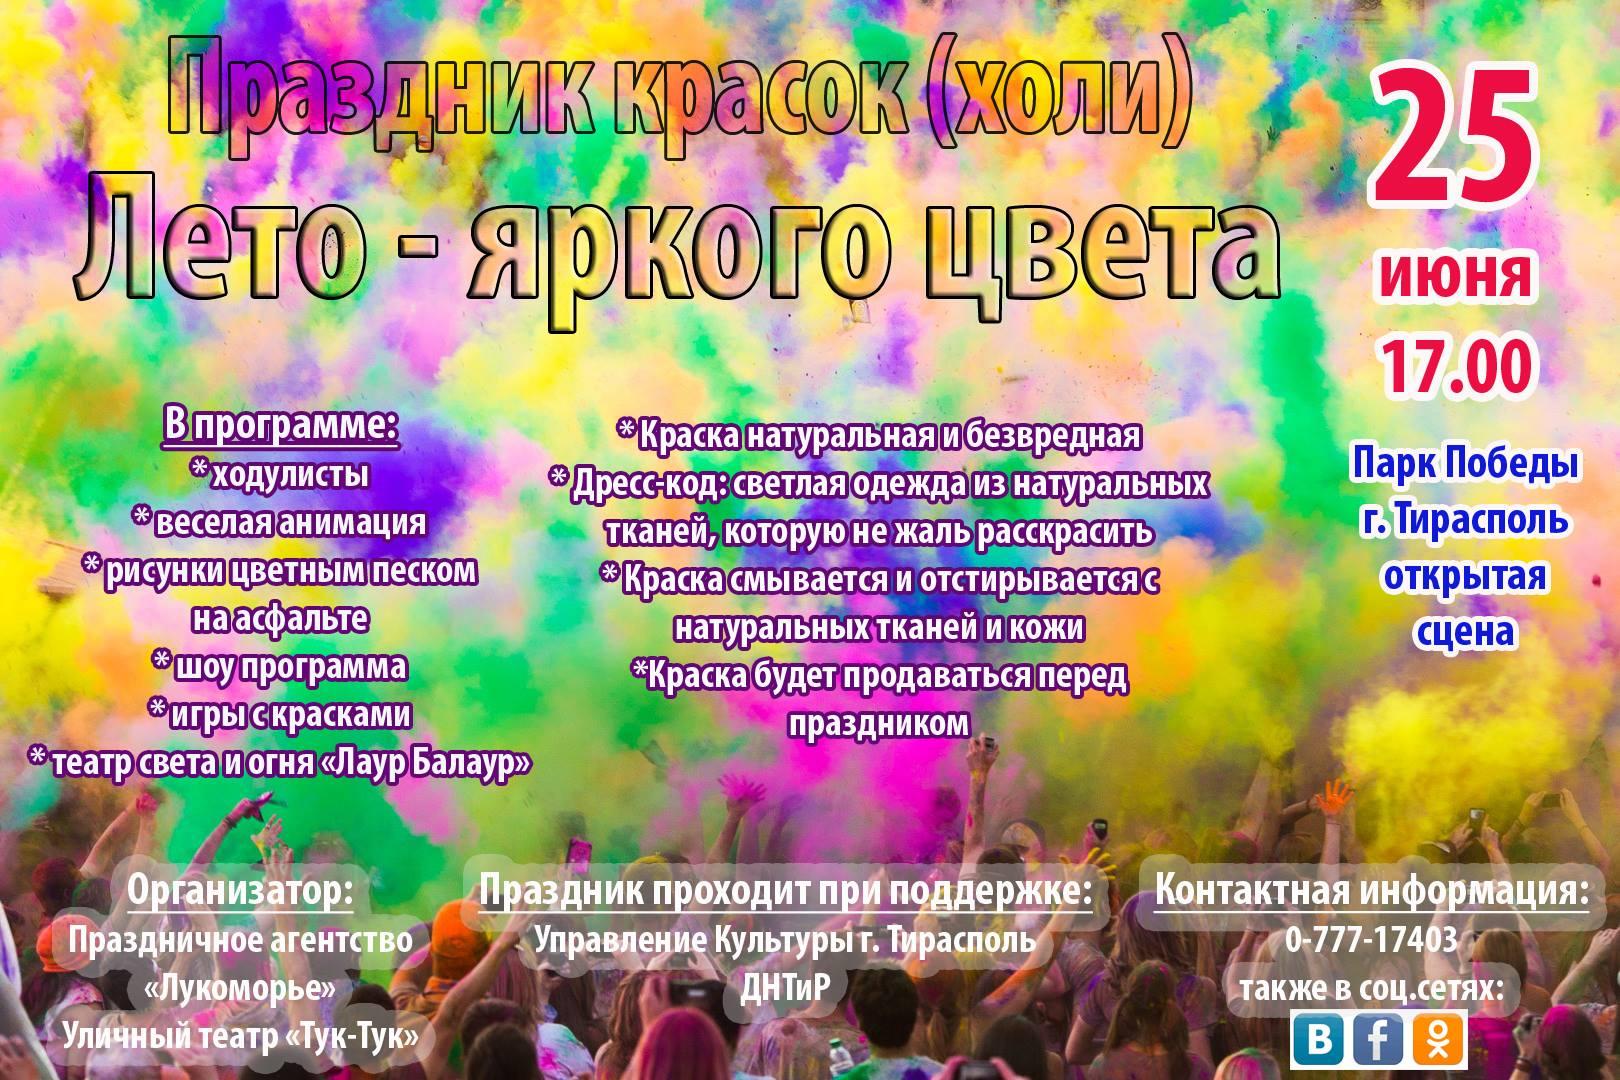 Фестиваль красок Холи в Тирасполе